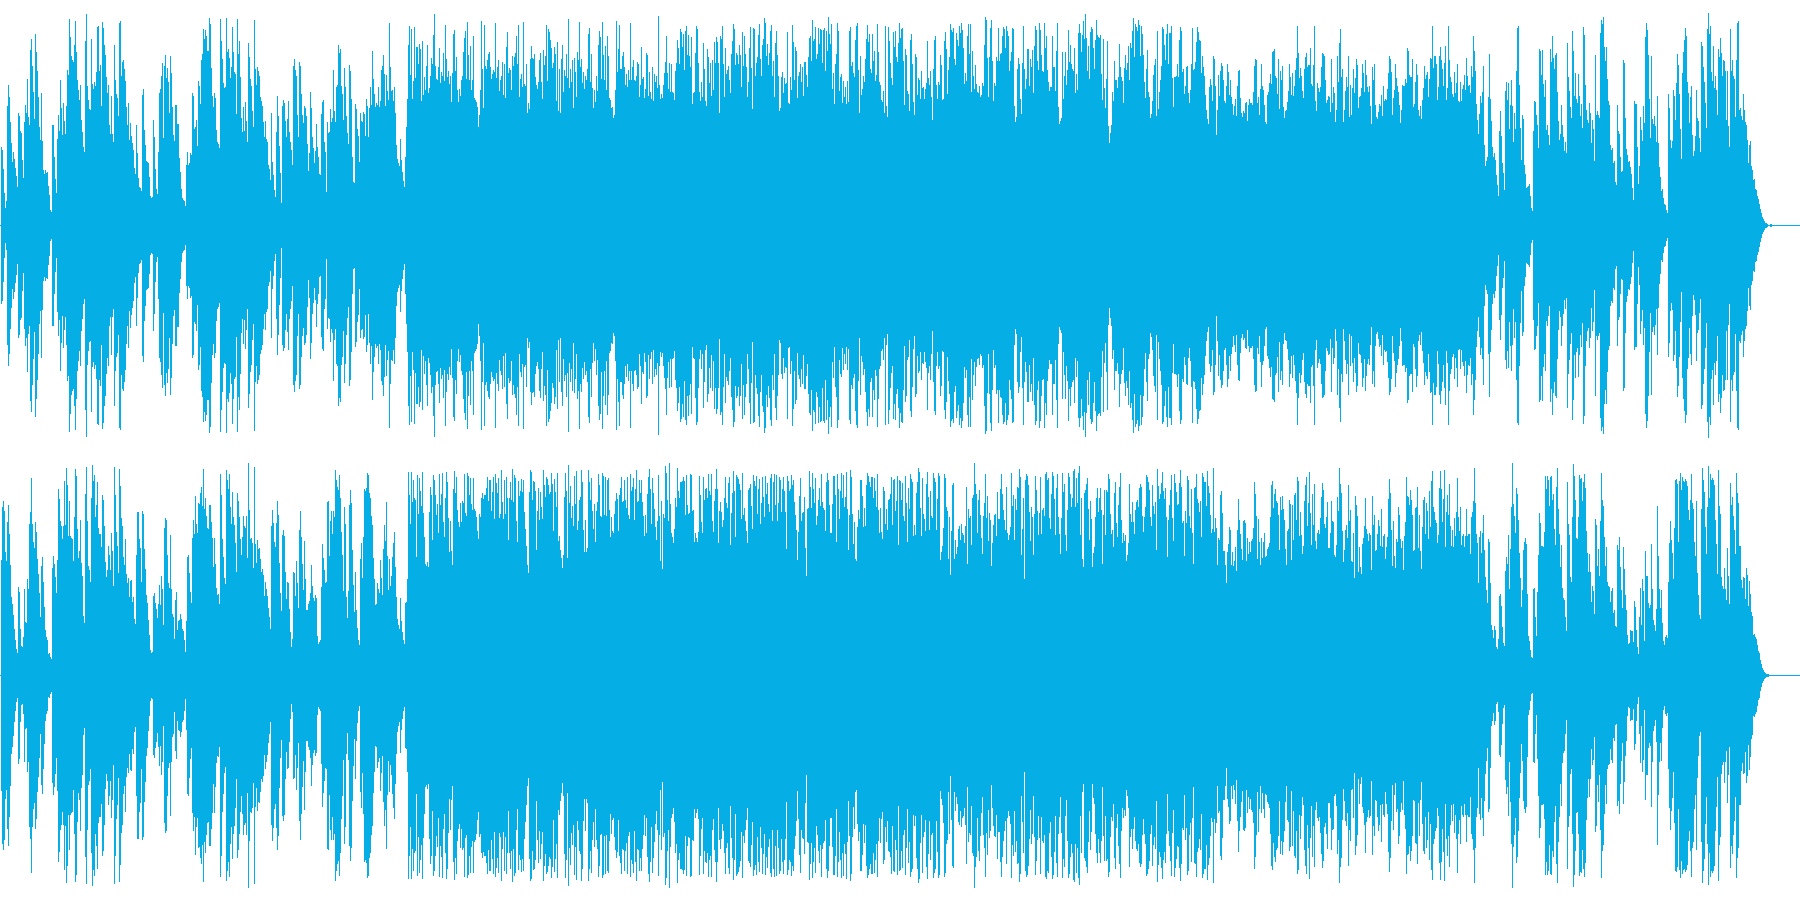 ファンタジーで不思議なシンセ鉄琴サウンドの再生済みの波形